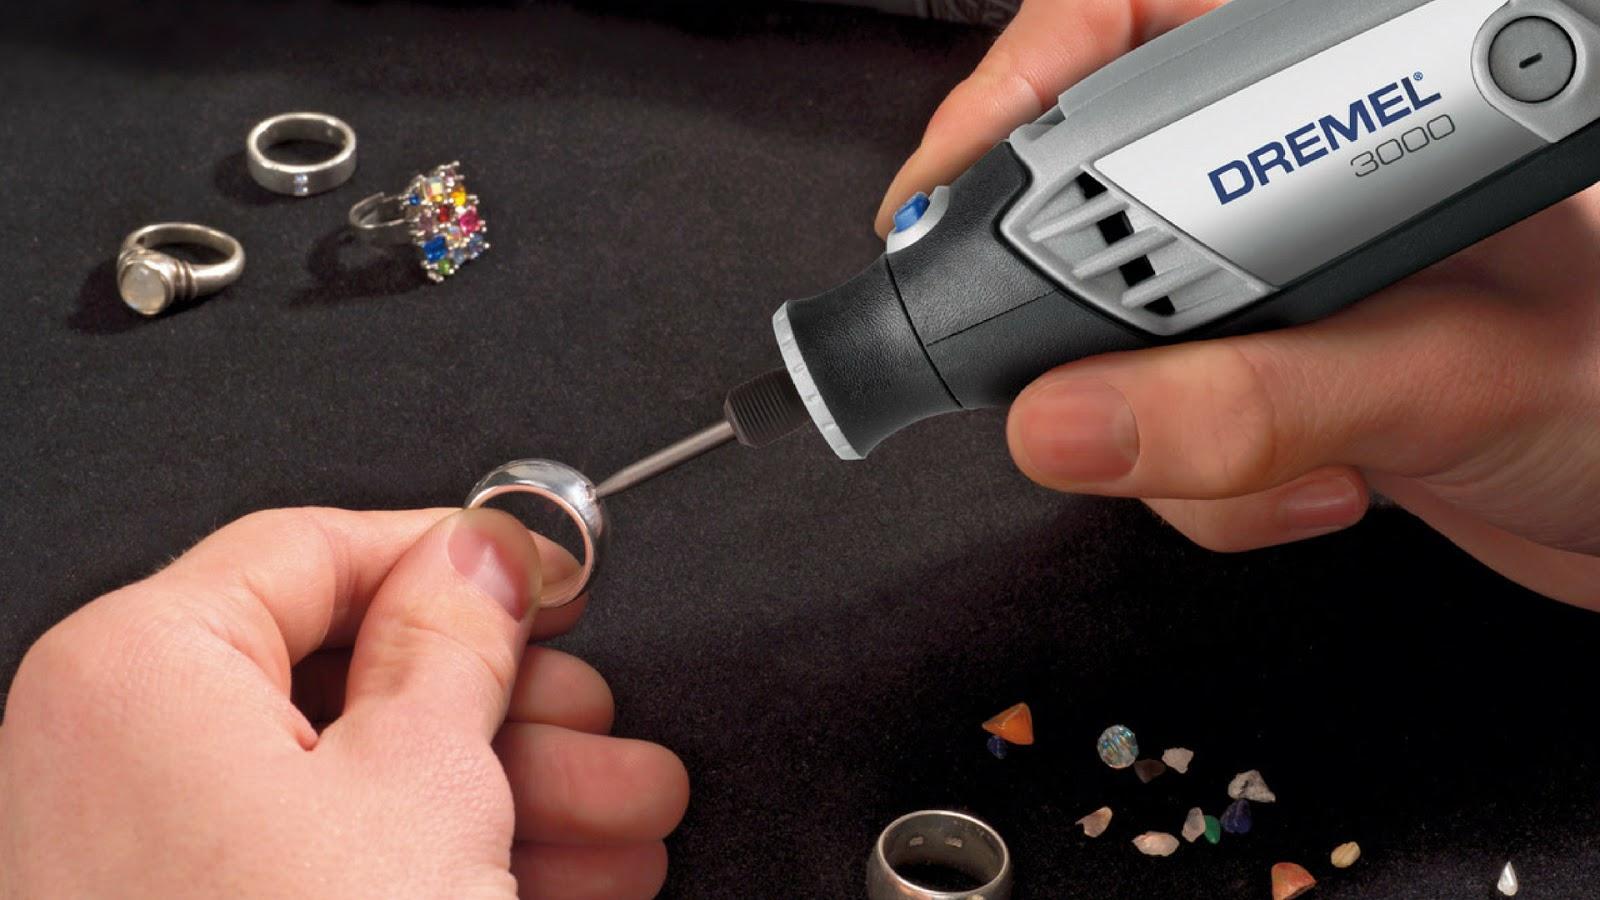 ¿Cómo elaborar un huevo de pascua con la herramienta DREMEL® 3000 (3000-5/75)?